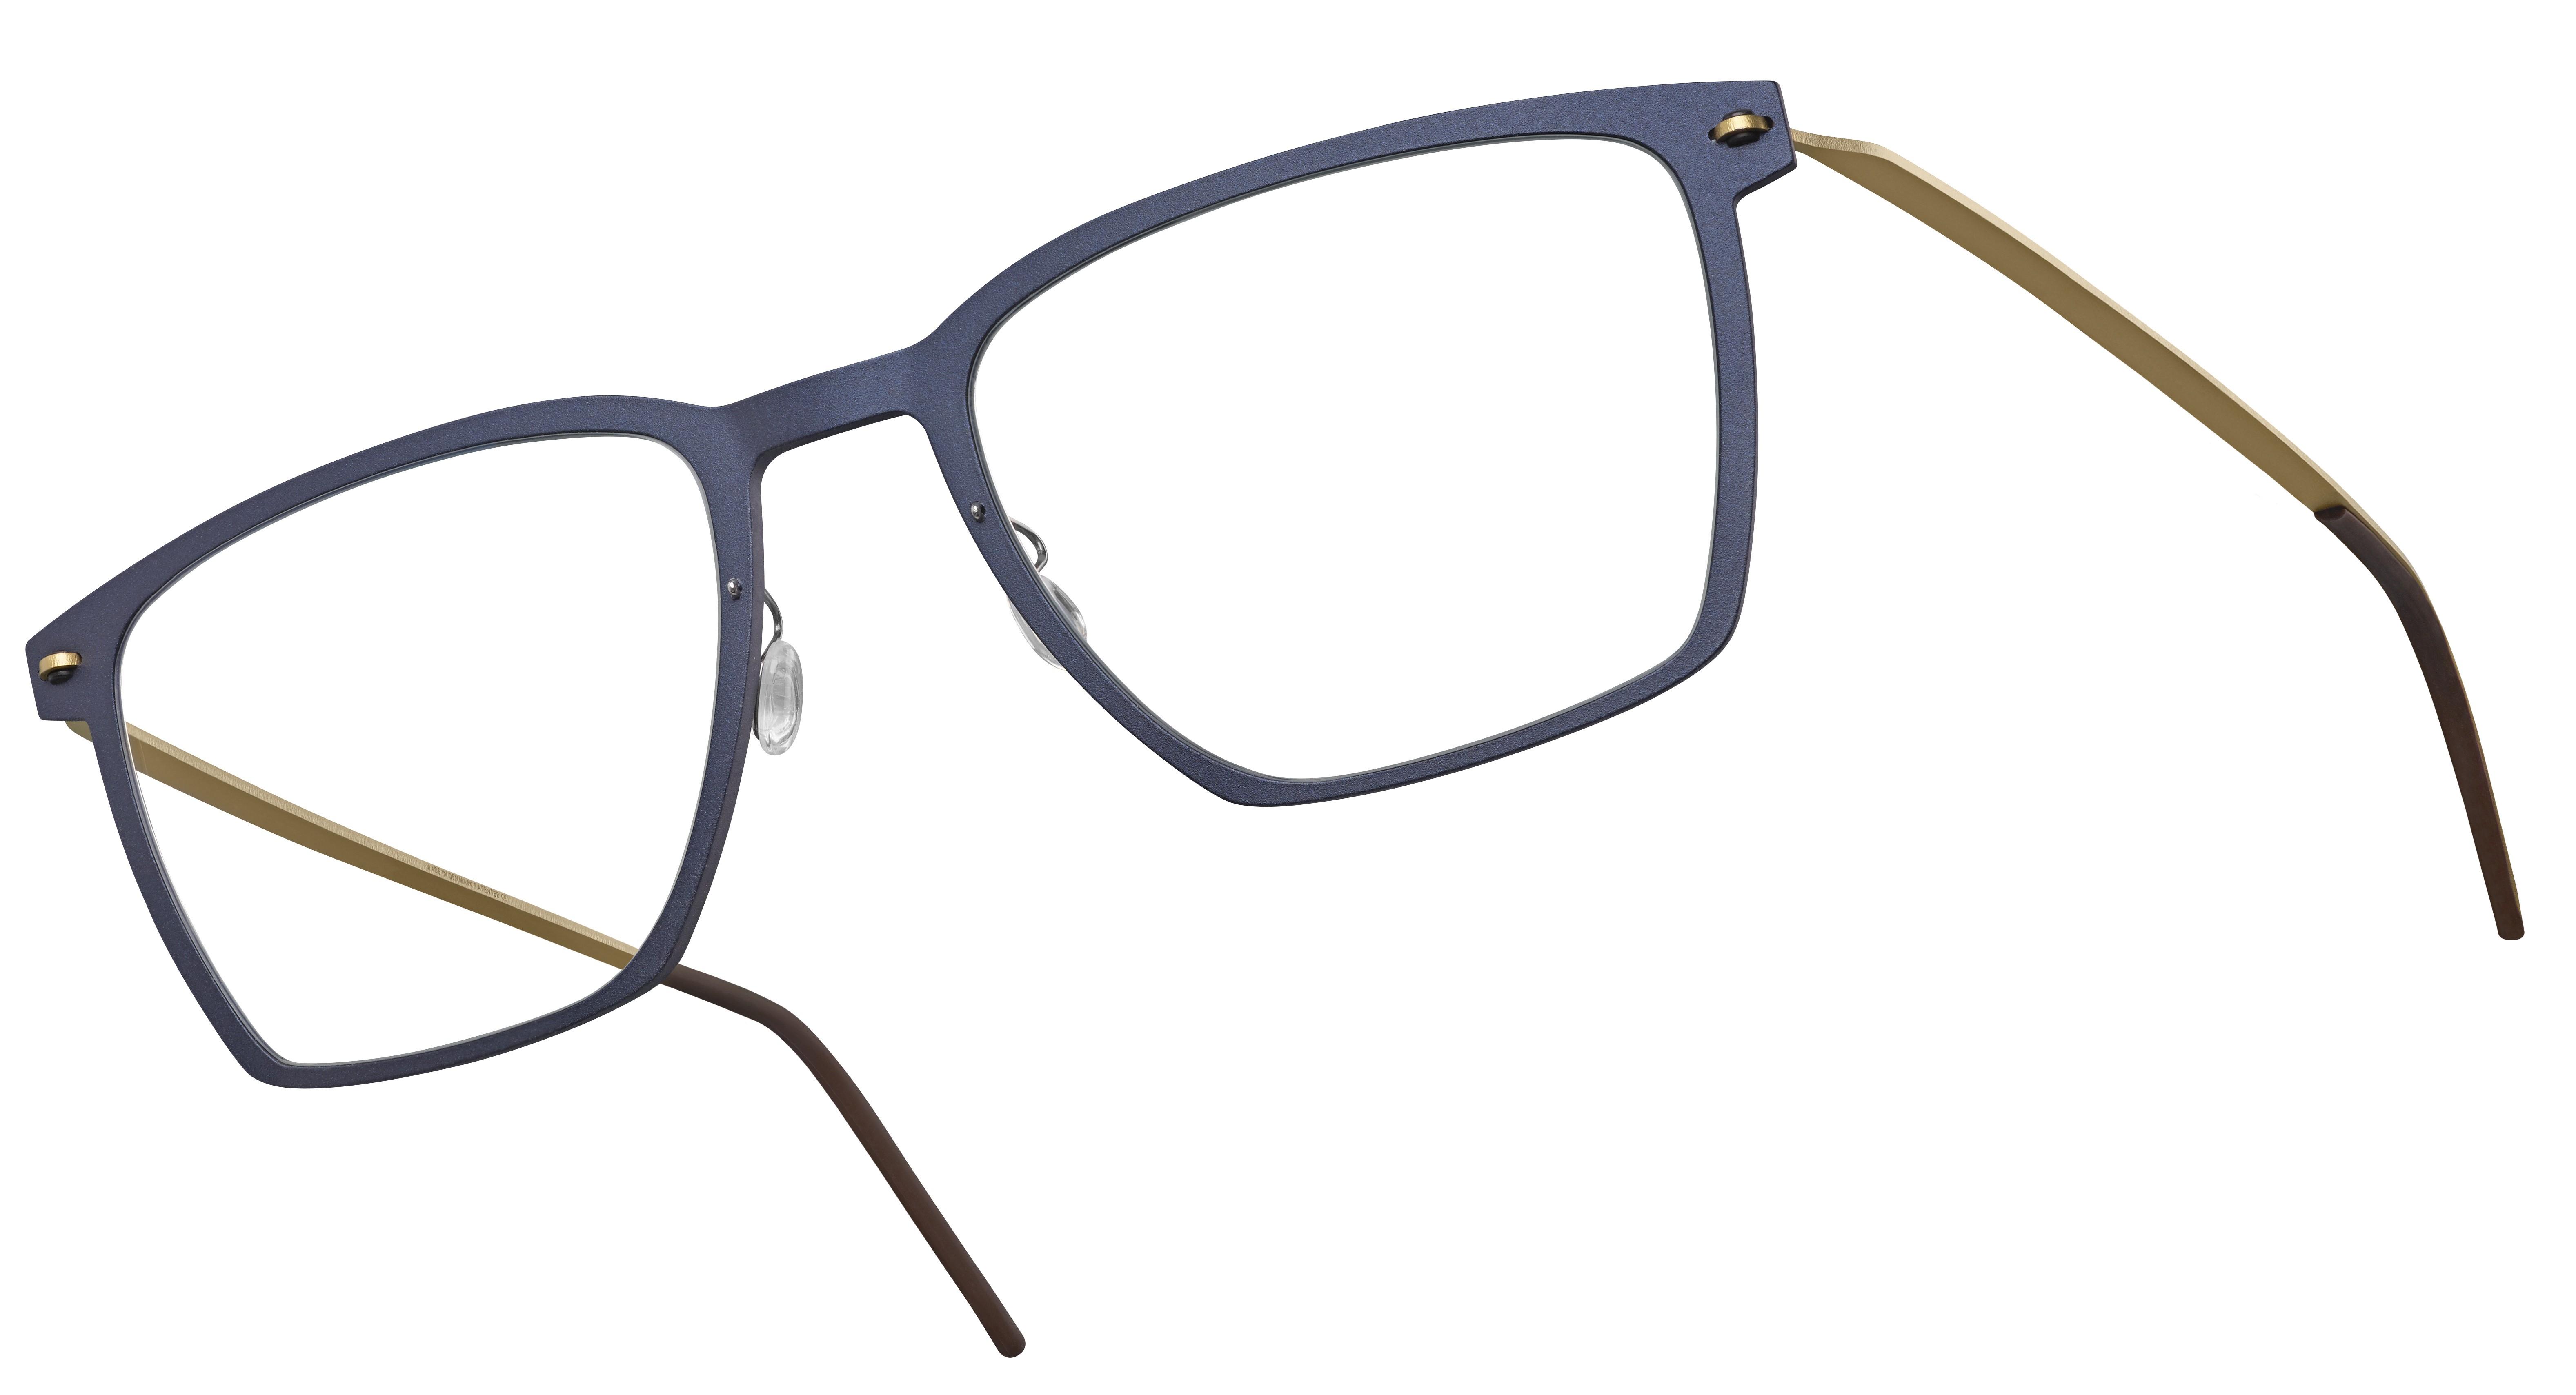 Korrekturbrille mit dunkelblauem Rahmen von Lindberg.